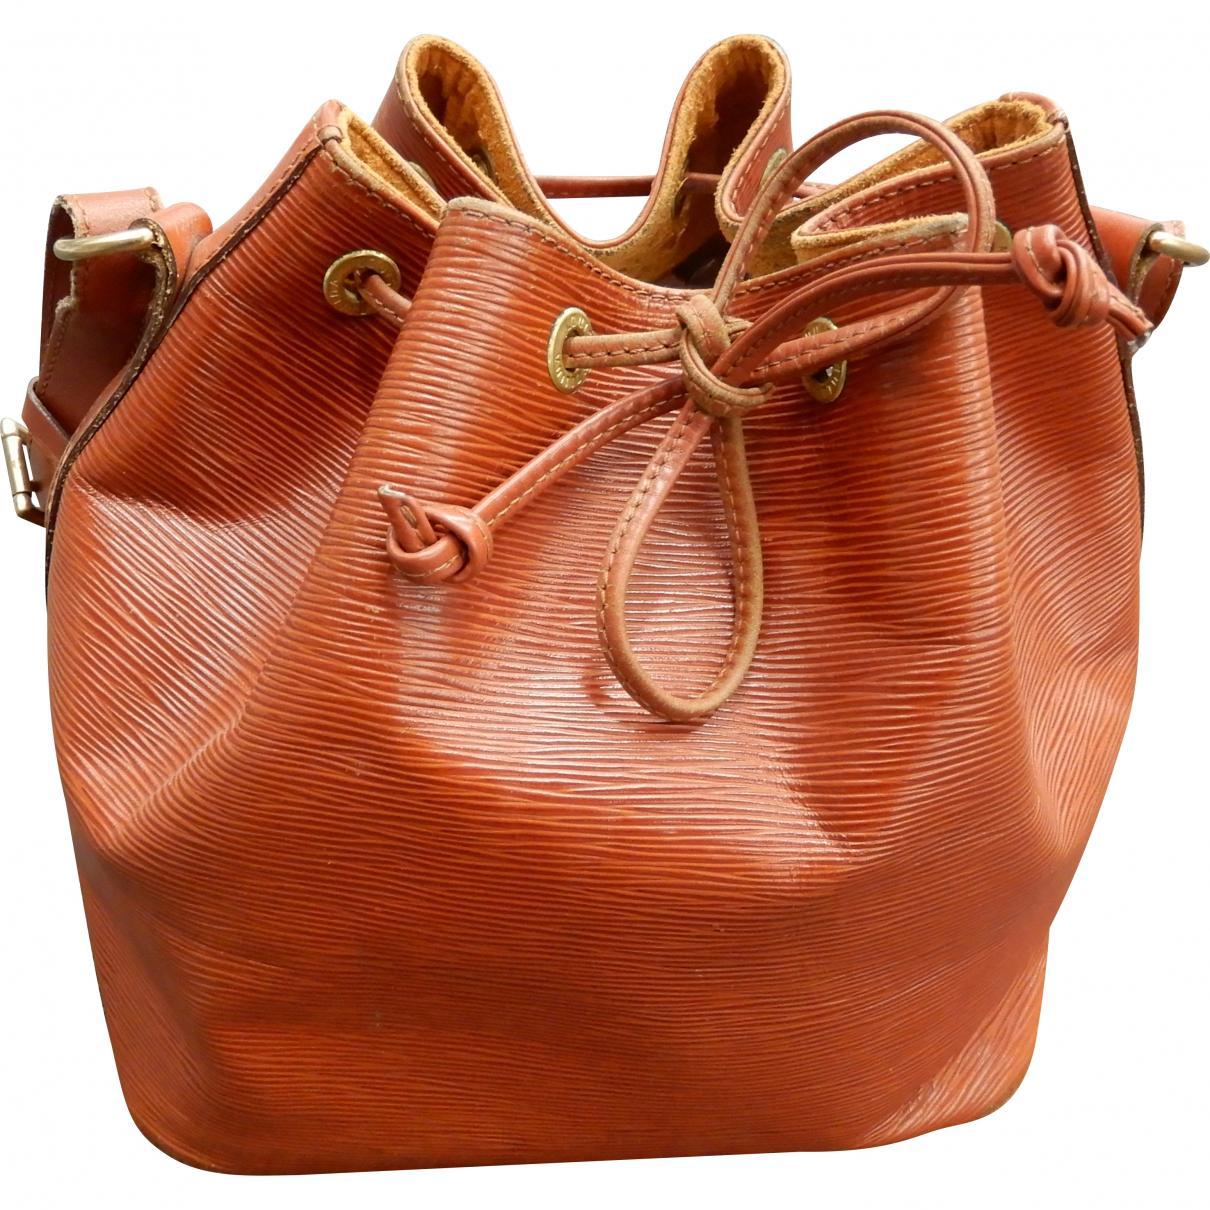 10f3976b28 Sac à main Noé en cuir Louis Vuitton en coloris Orange - Lyst